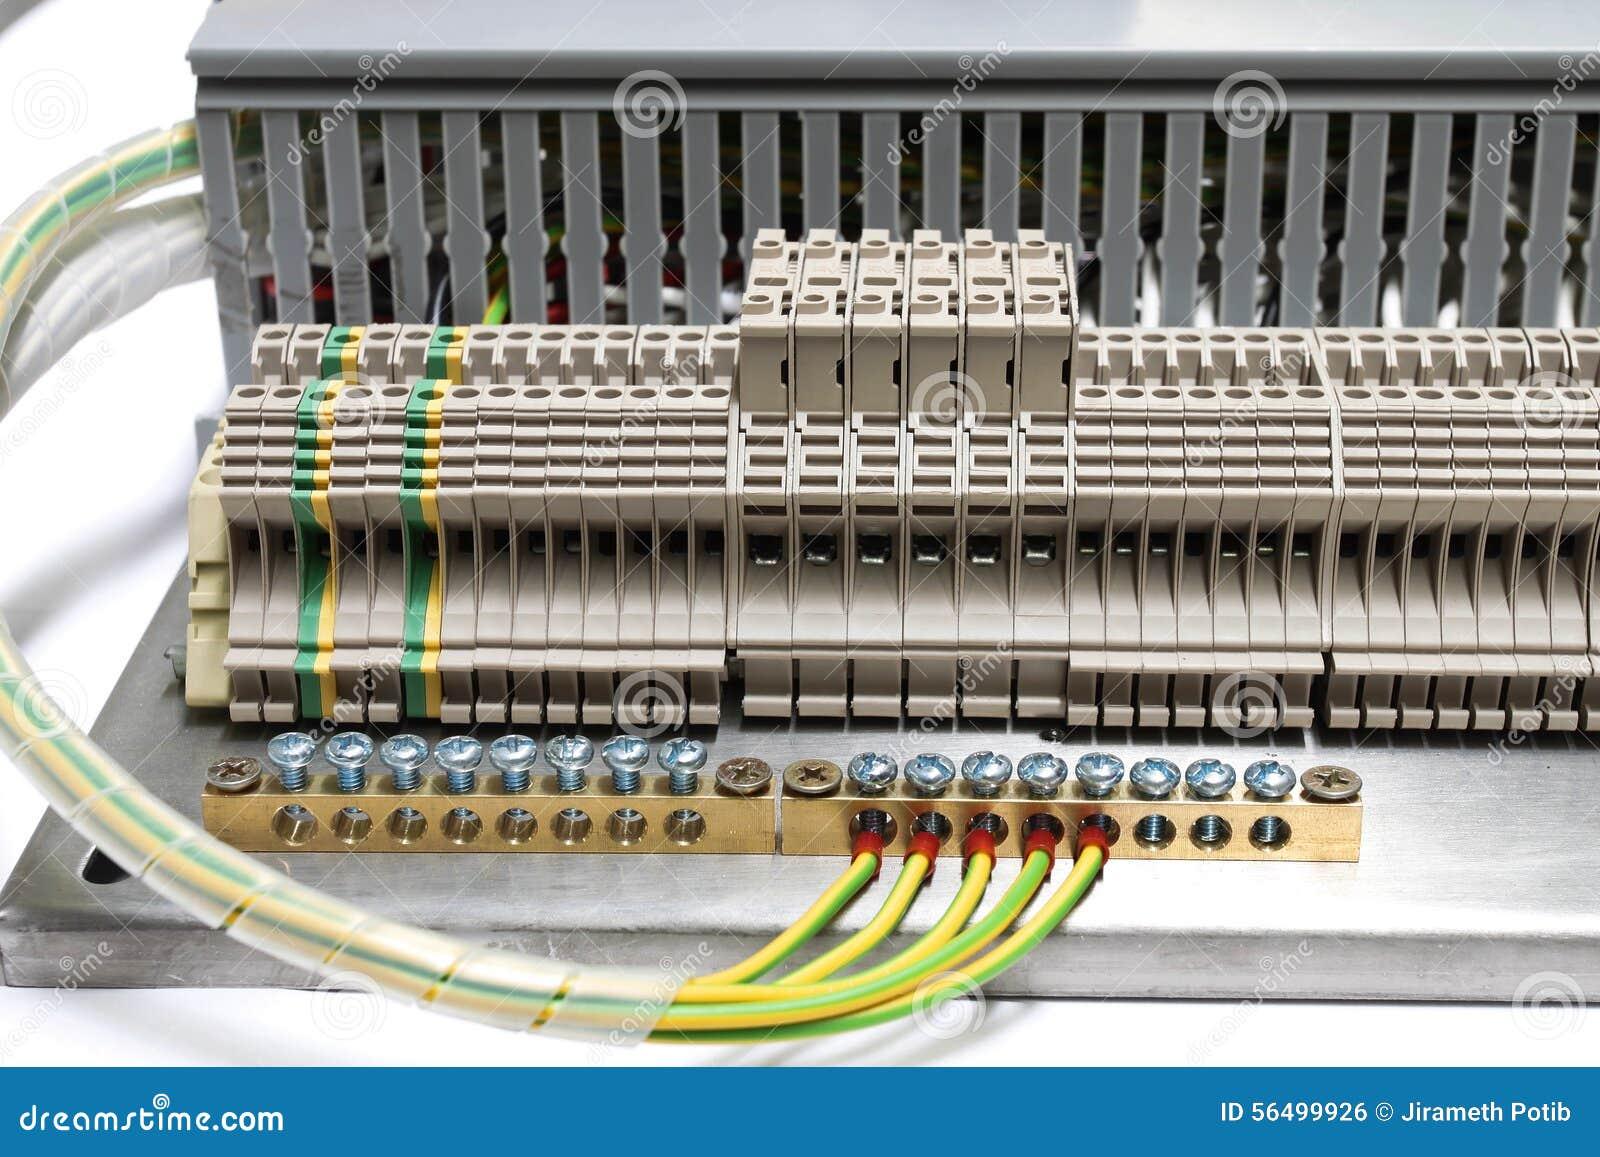 Wire Ground Terminal - Dolgular.com